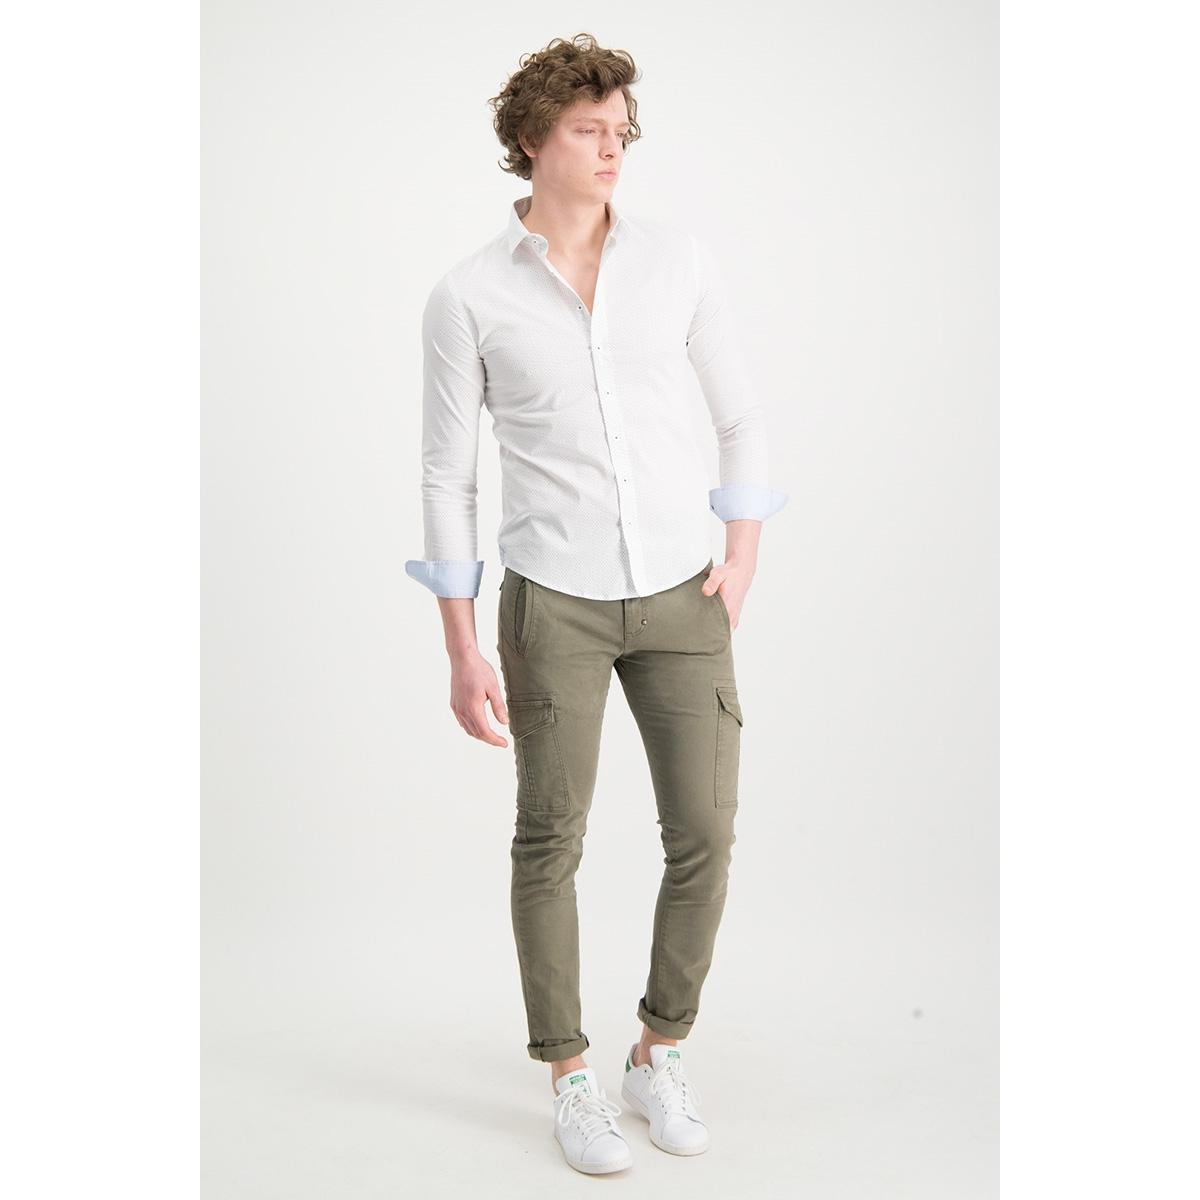 shirt aop stretch mc13 0100 06 haze & finn overhemd white points